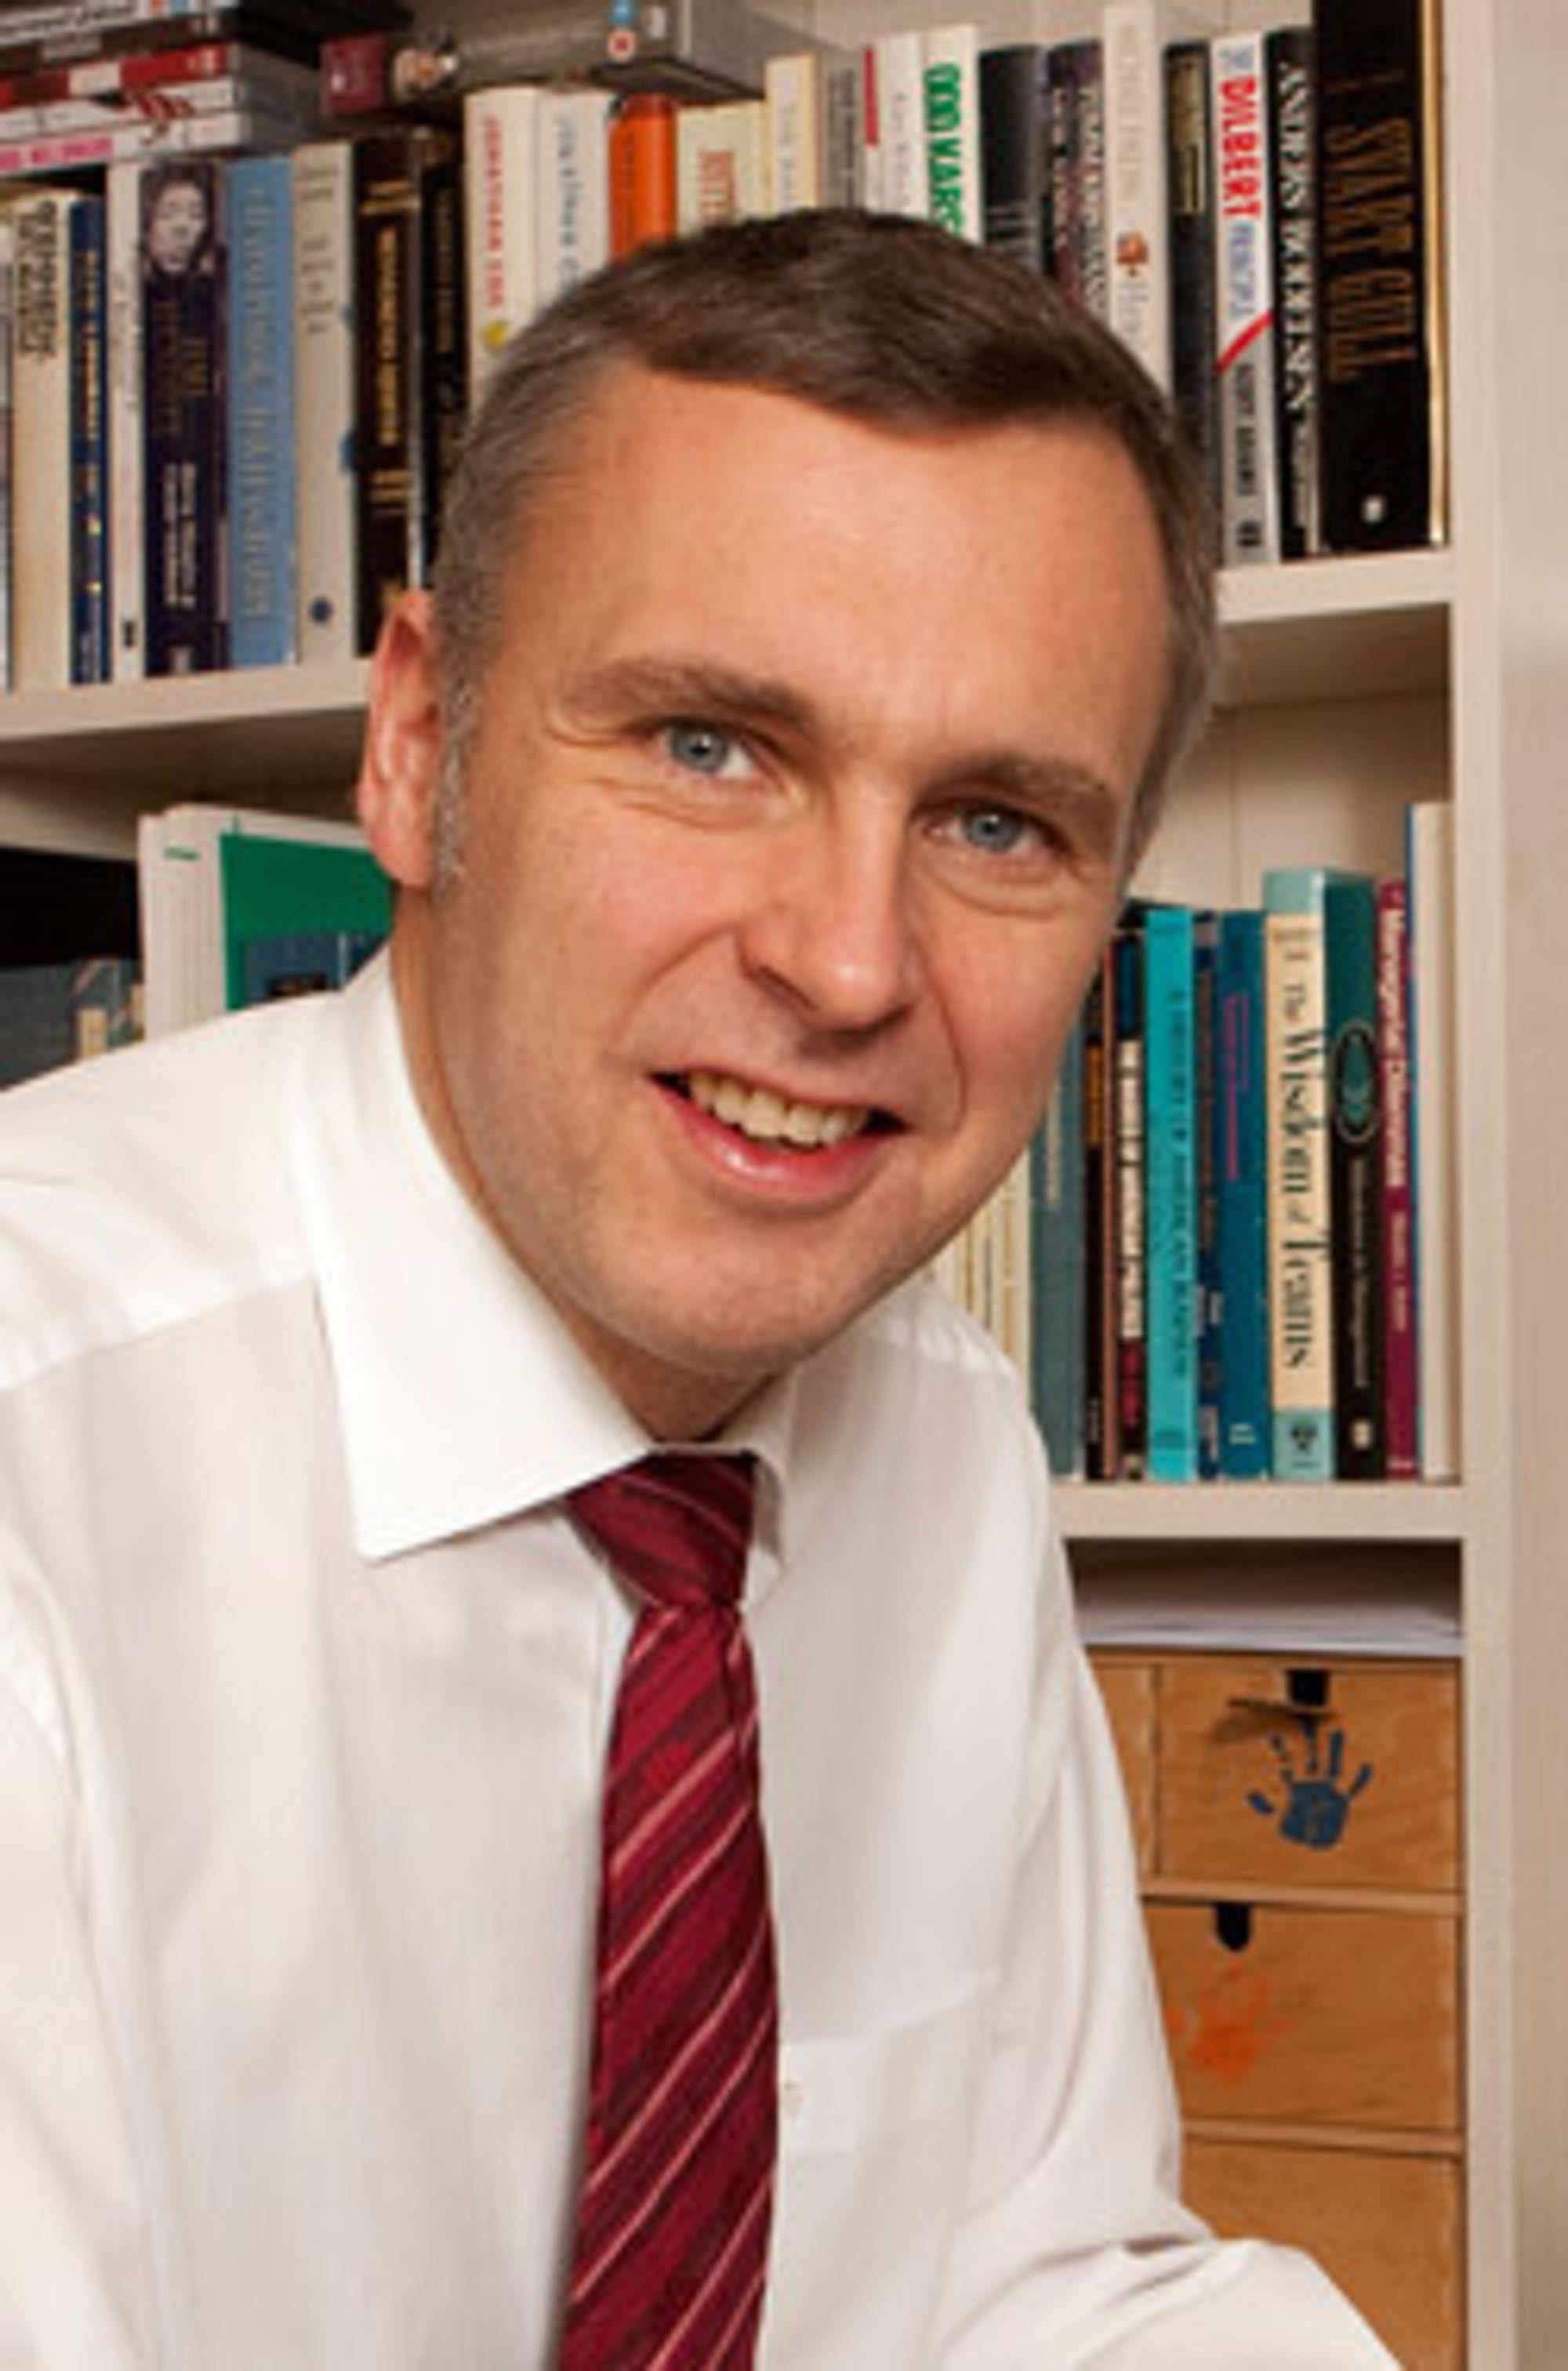 Sven Ombudstvedt blir ny konsernsjef i Norske Skog. Han tiltrer allerede 1. januar.